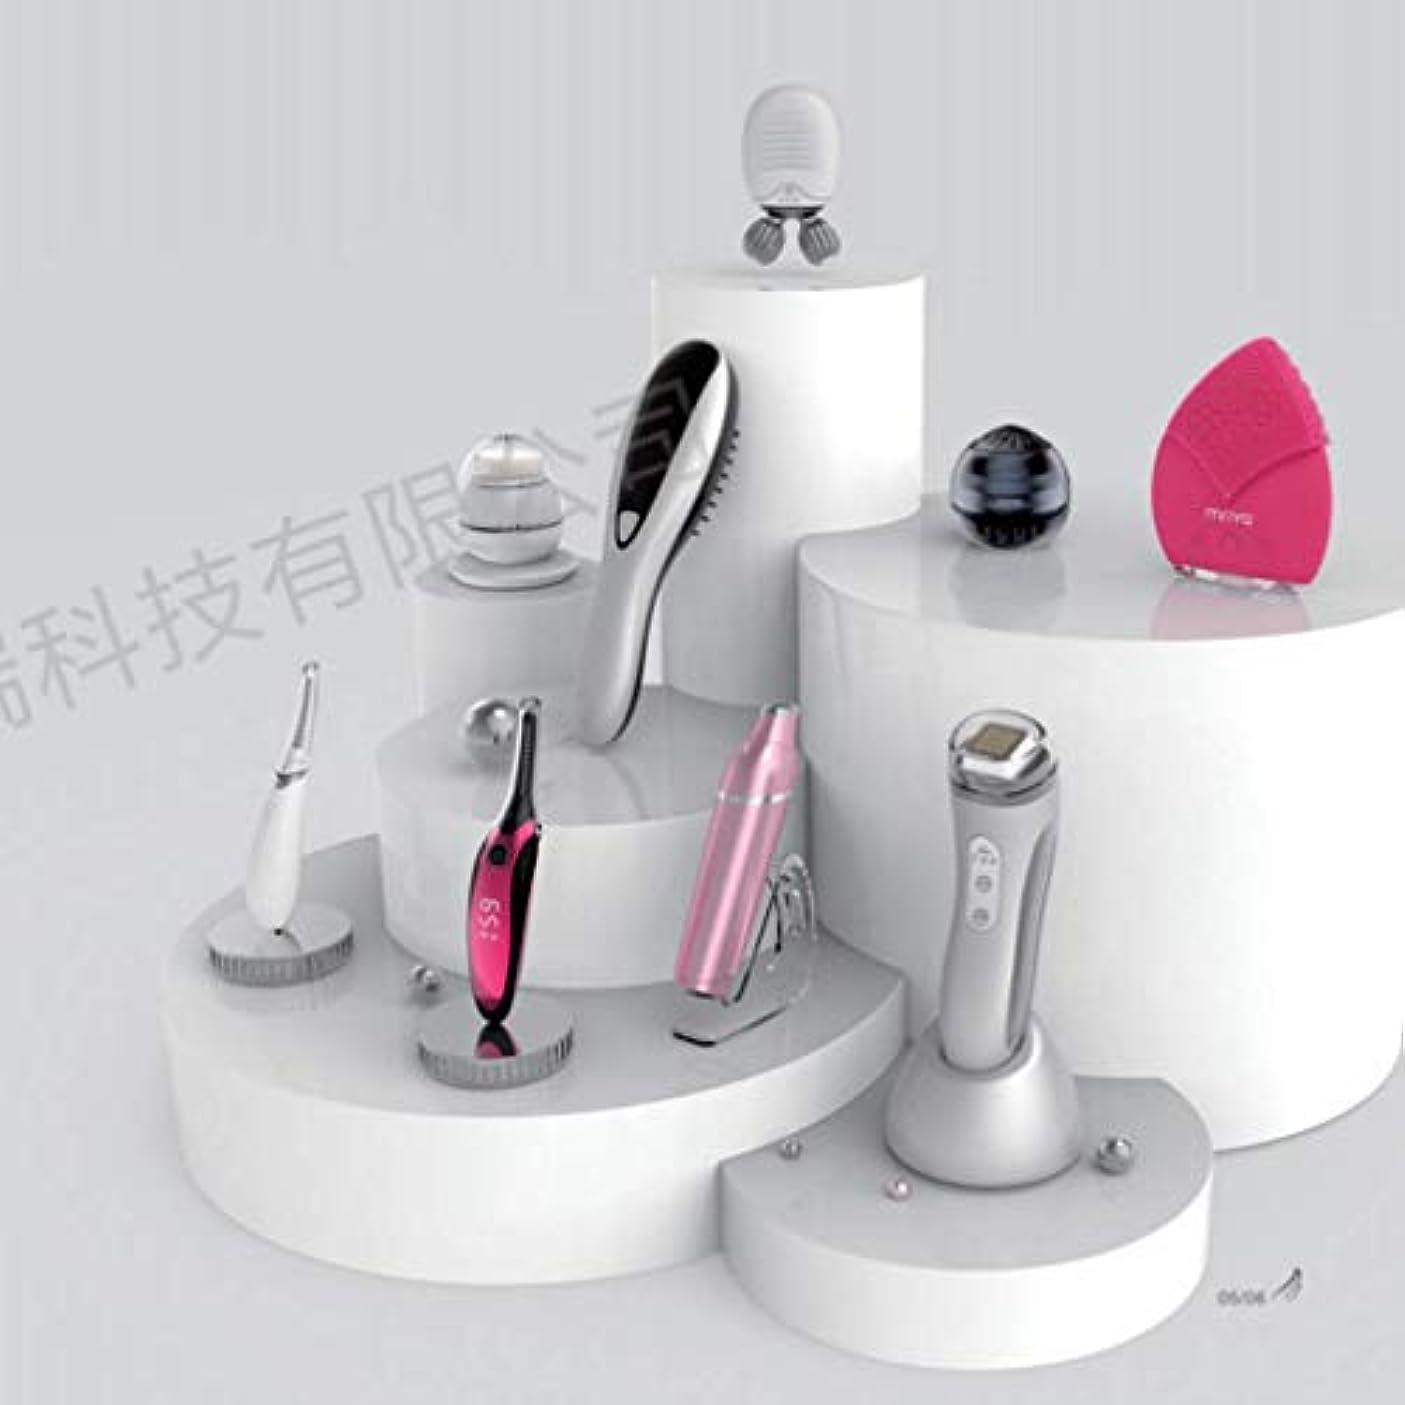 欺くおとうさん値する洗顔ブラシ 音波洗顔 ボディブラシ 洗顔器 IPX7防水 無接点充電式 毛穴ケア 三つヘッド付き メモリー機能付き 男女兼用 日本語説明書付属